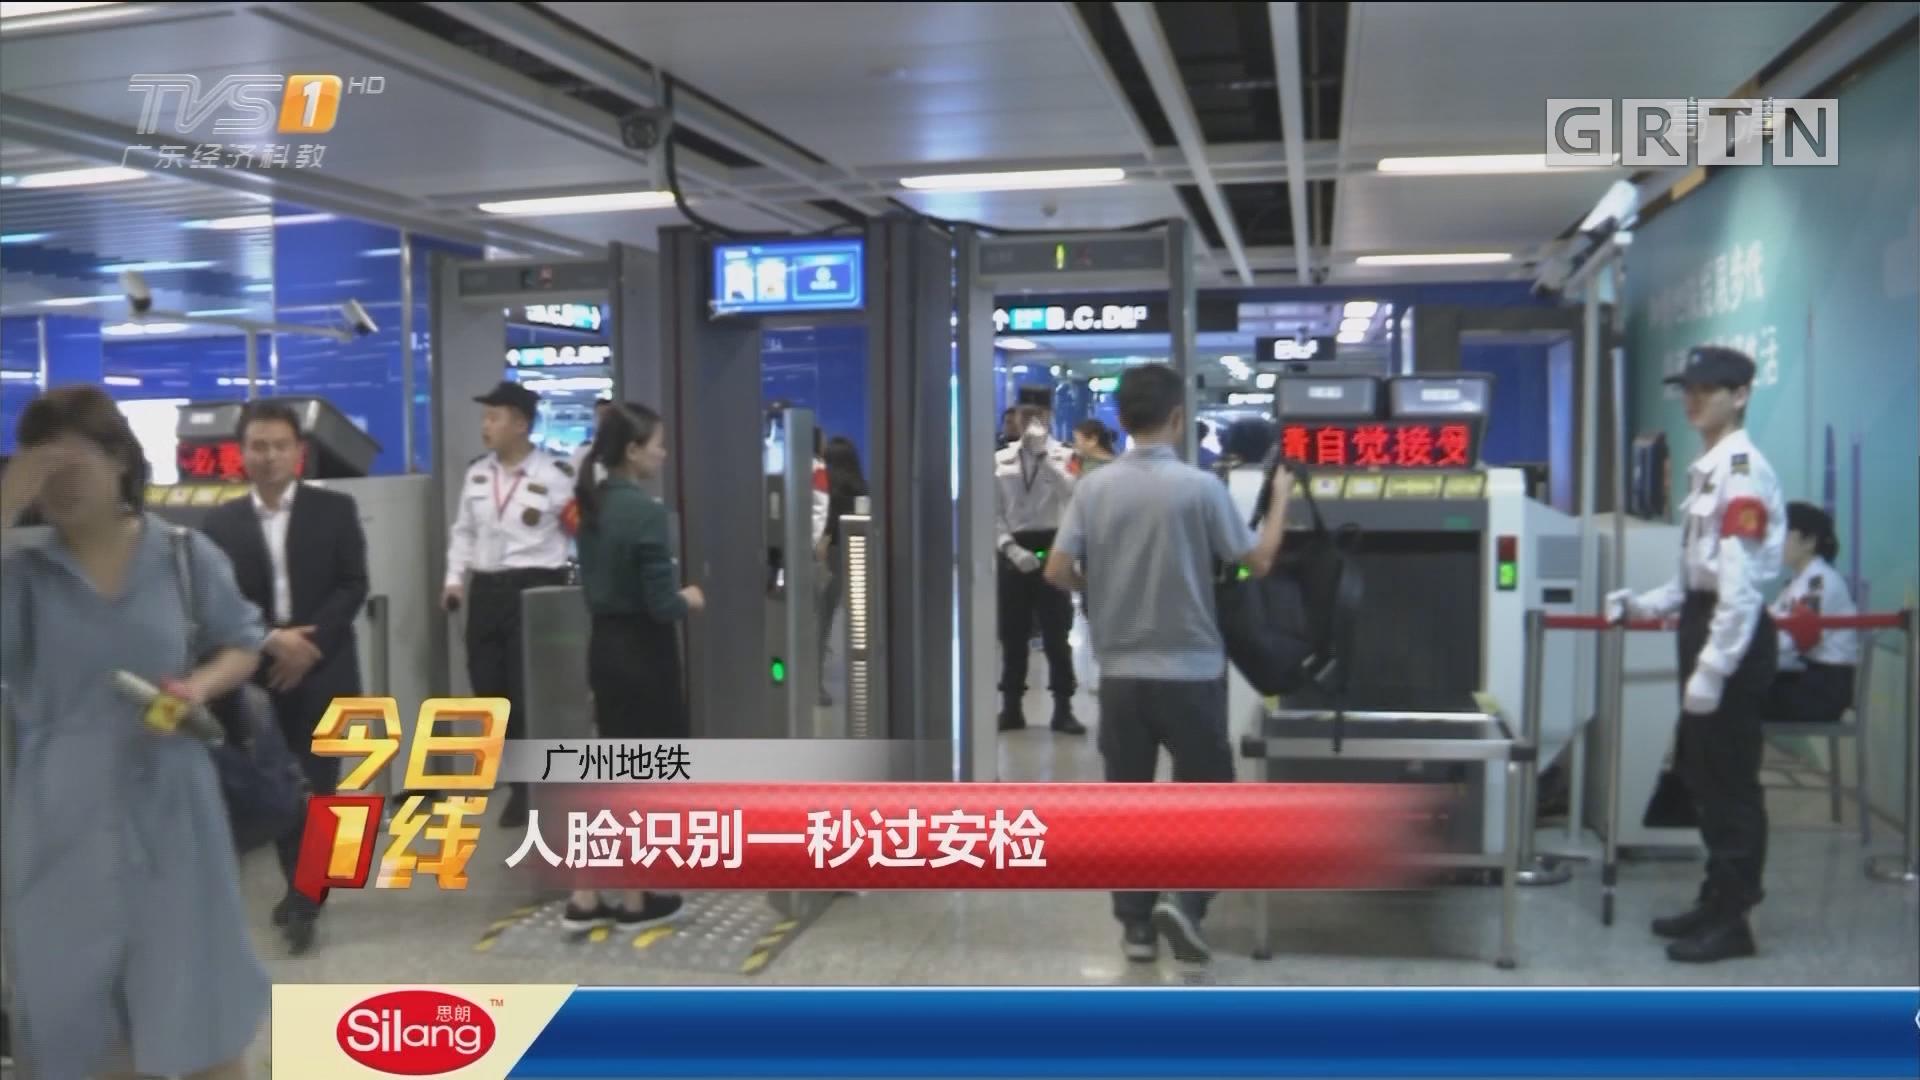 广州地铁:人脸识别一秒过安检